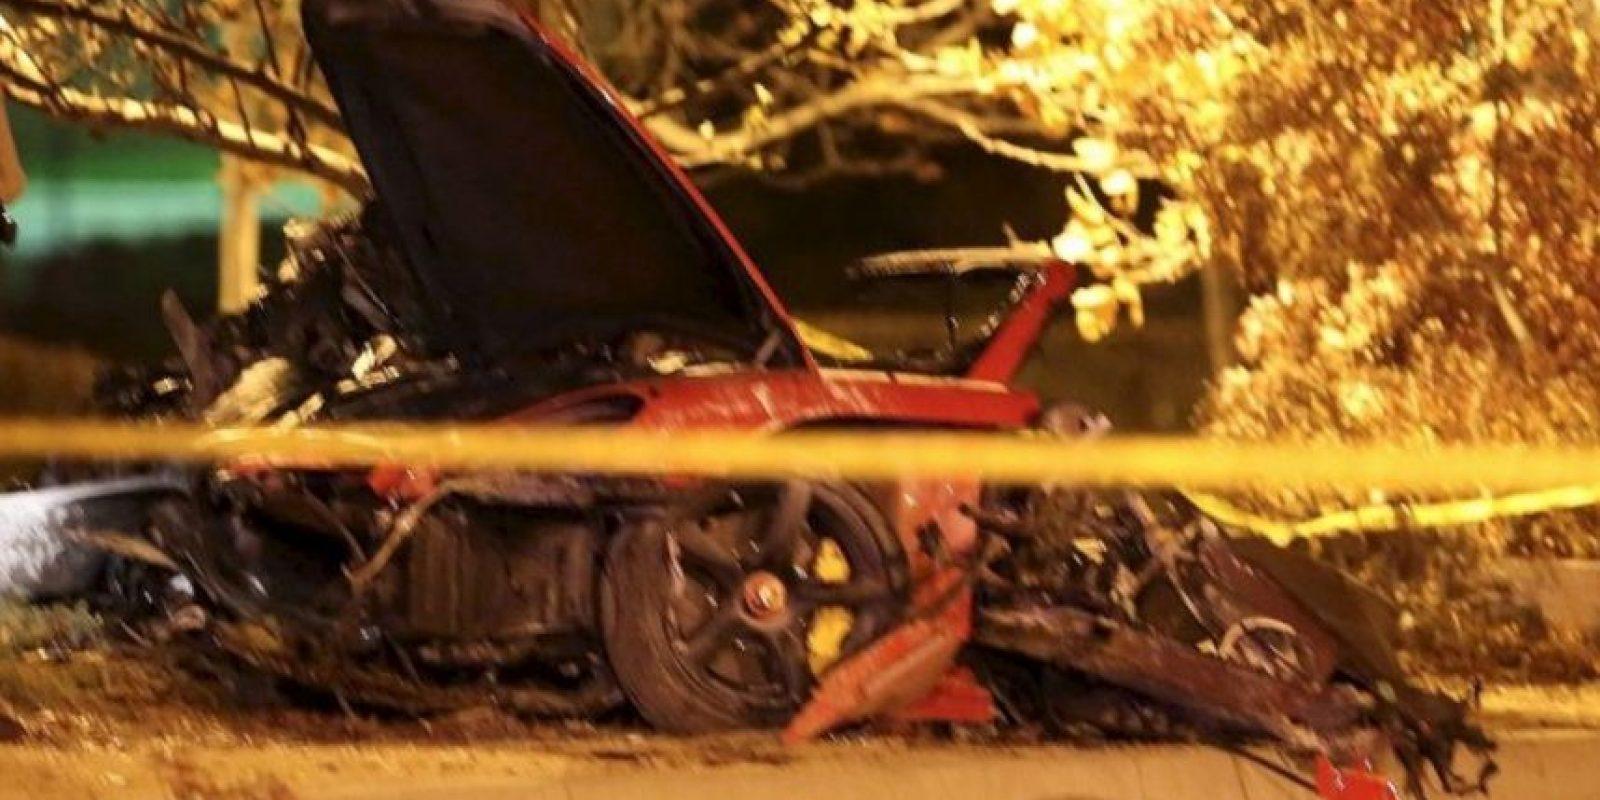 """""""Si los cinturones de seguridad no eran defectuosos, Walker habría sido capaz de salir del coche antes de que se incendiara"""", expresó en su demanda. Foto:The Grosby Group"""